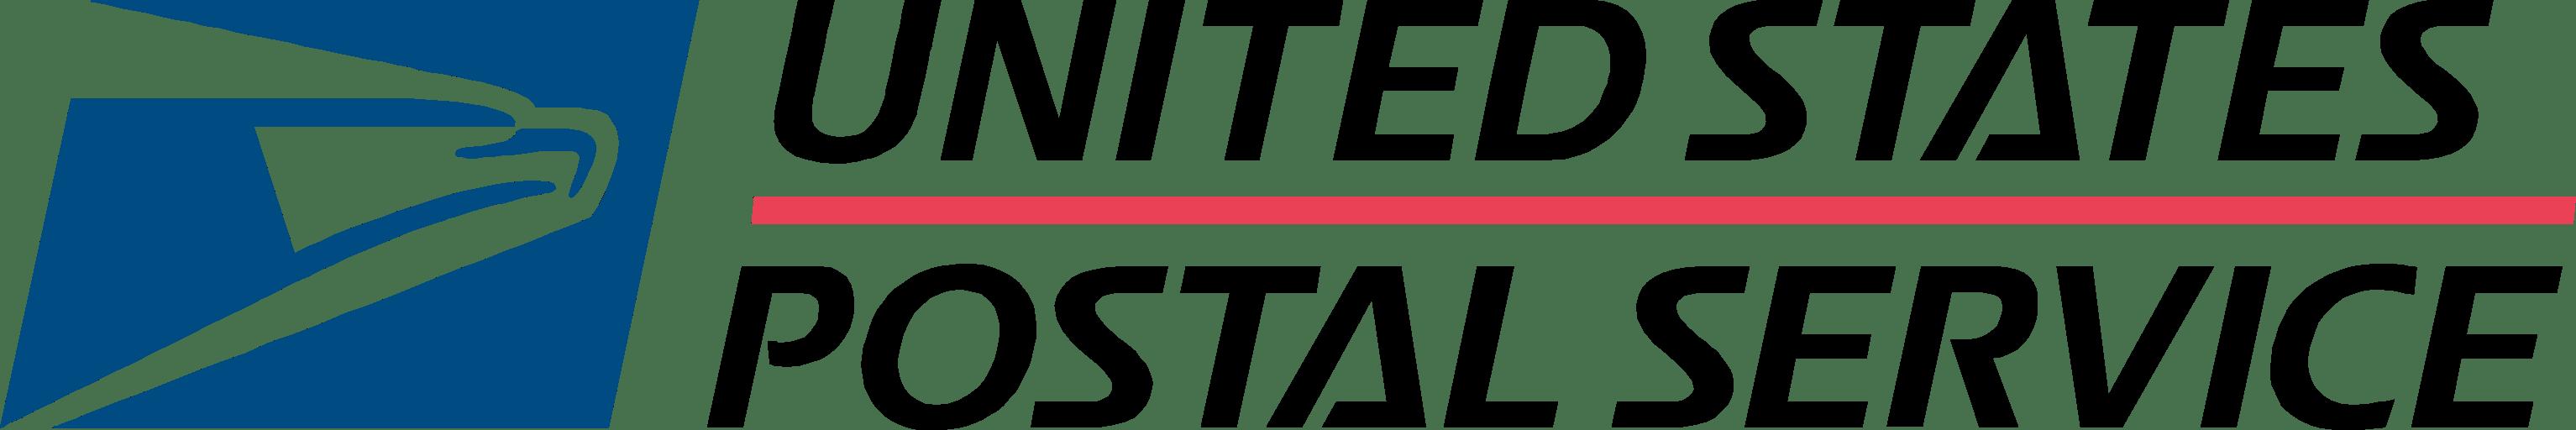 United states postal services usps logo transparent png stickpng download buycottarizona